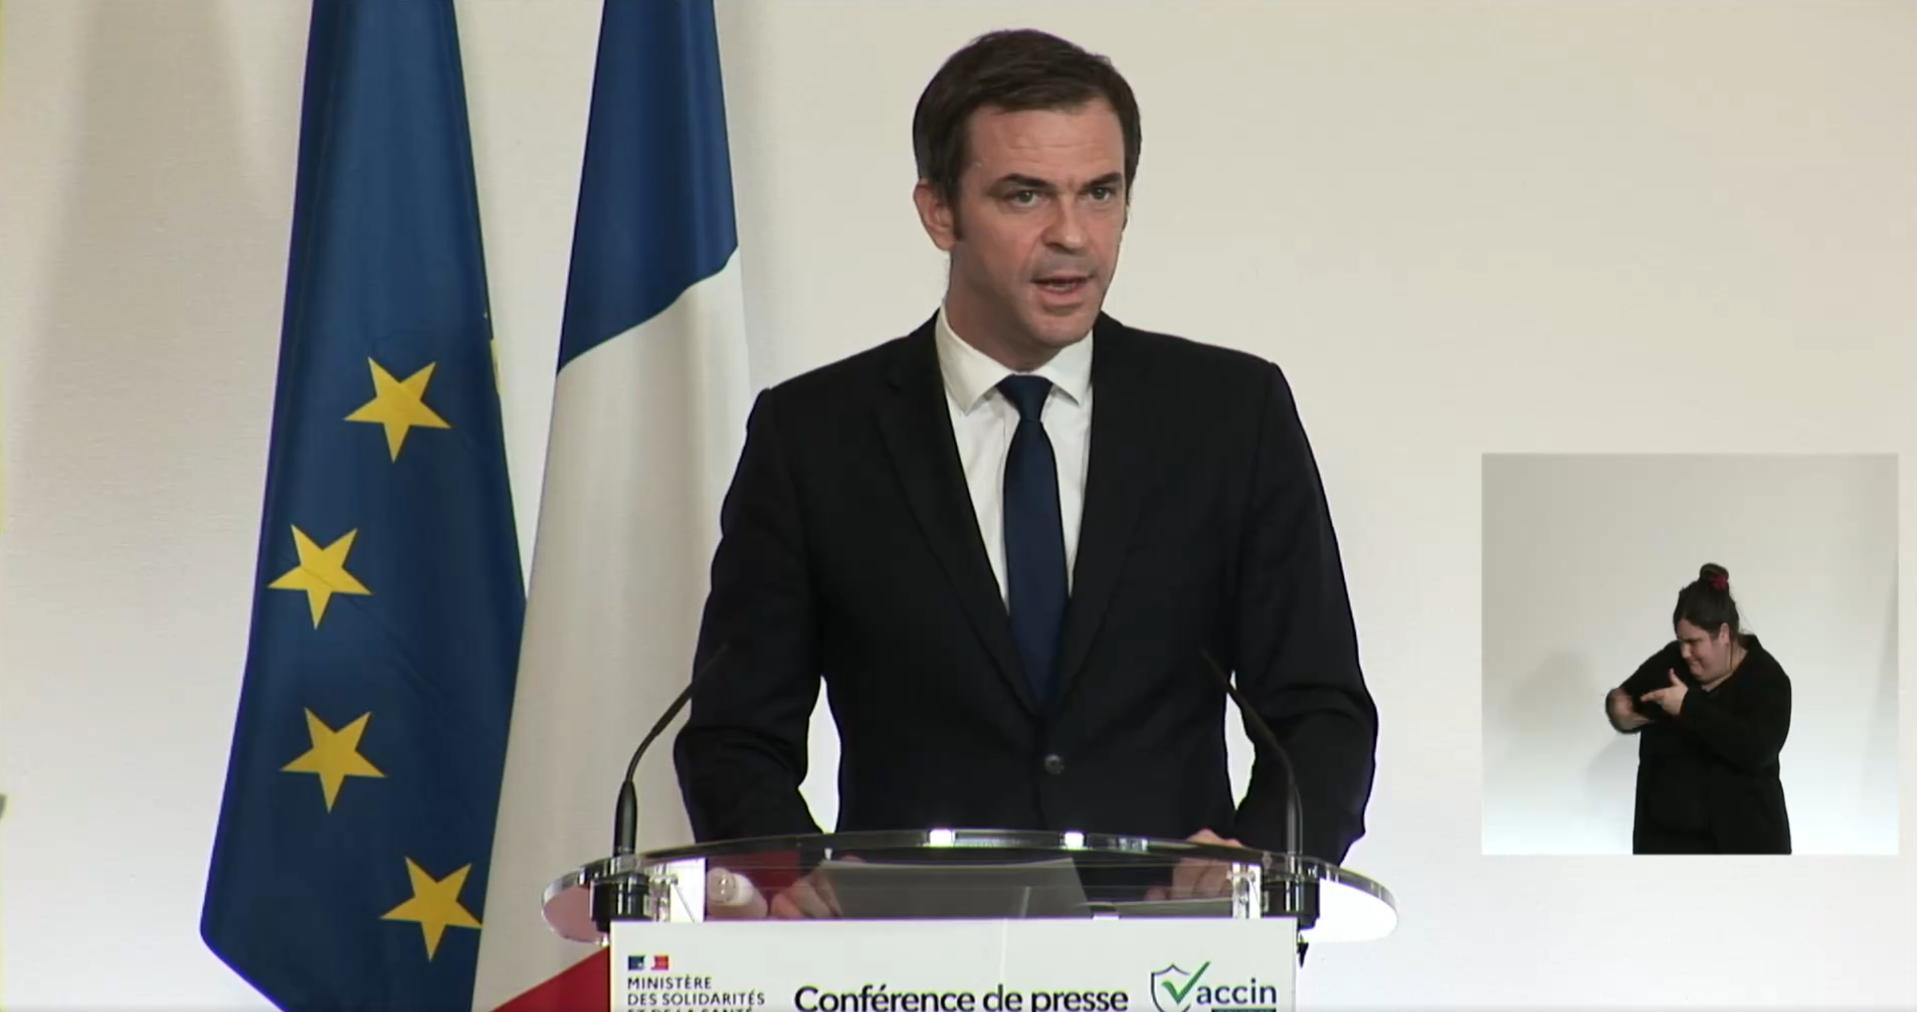 Olivier Véran, lors de sa conférence de presse le jeudi 28 janvier - Source : Ministère des Solidarités et de la Santé